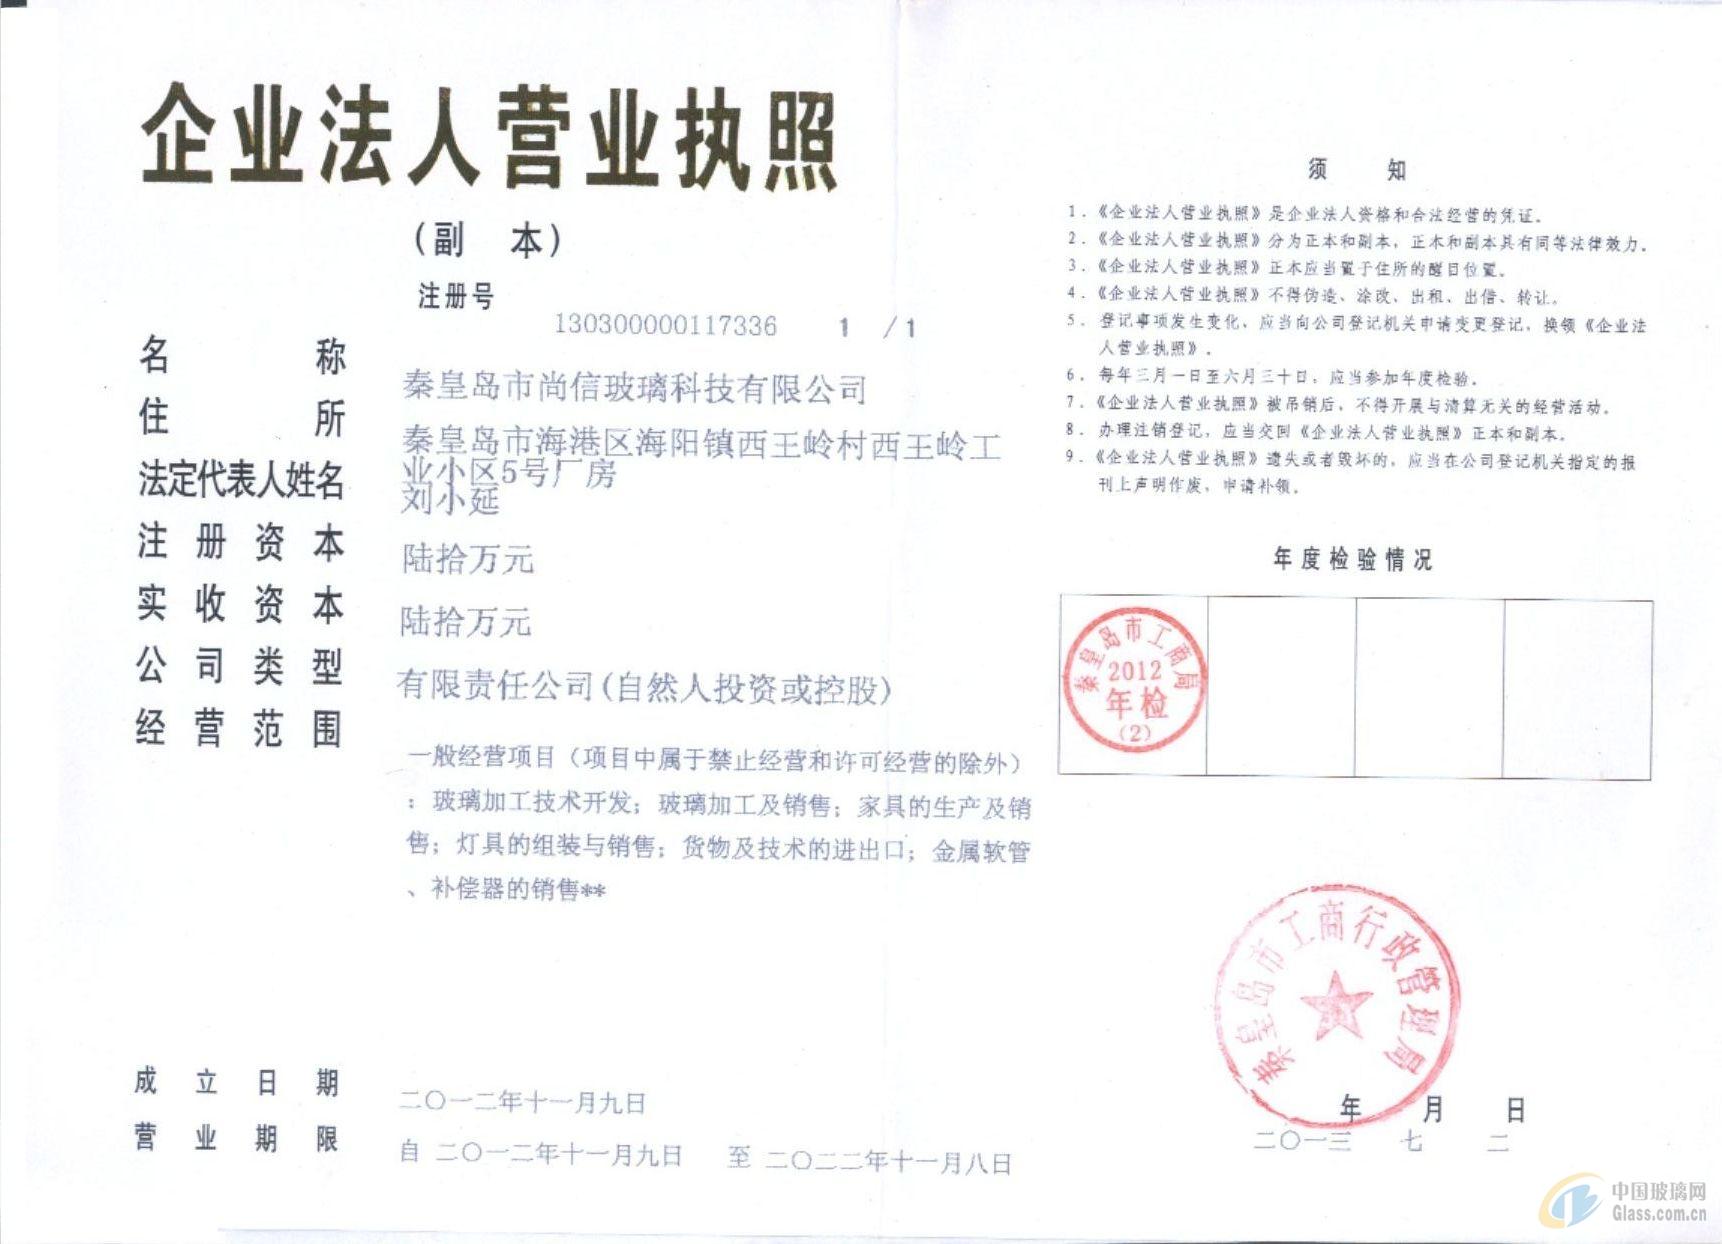 秦皇岛市尚信玻璃科技有限公司